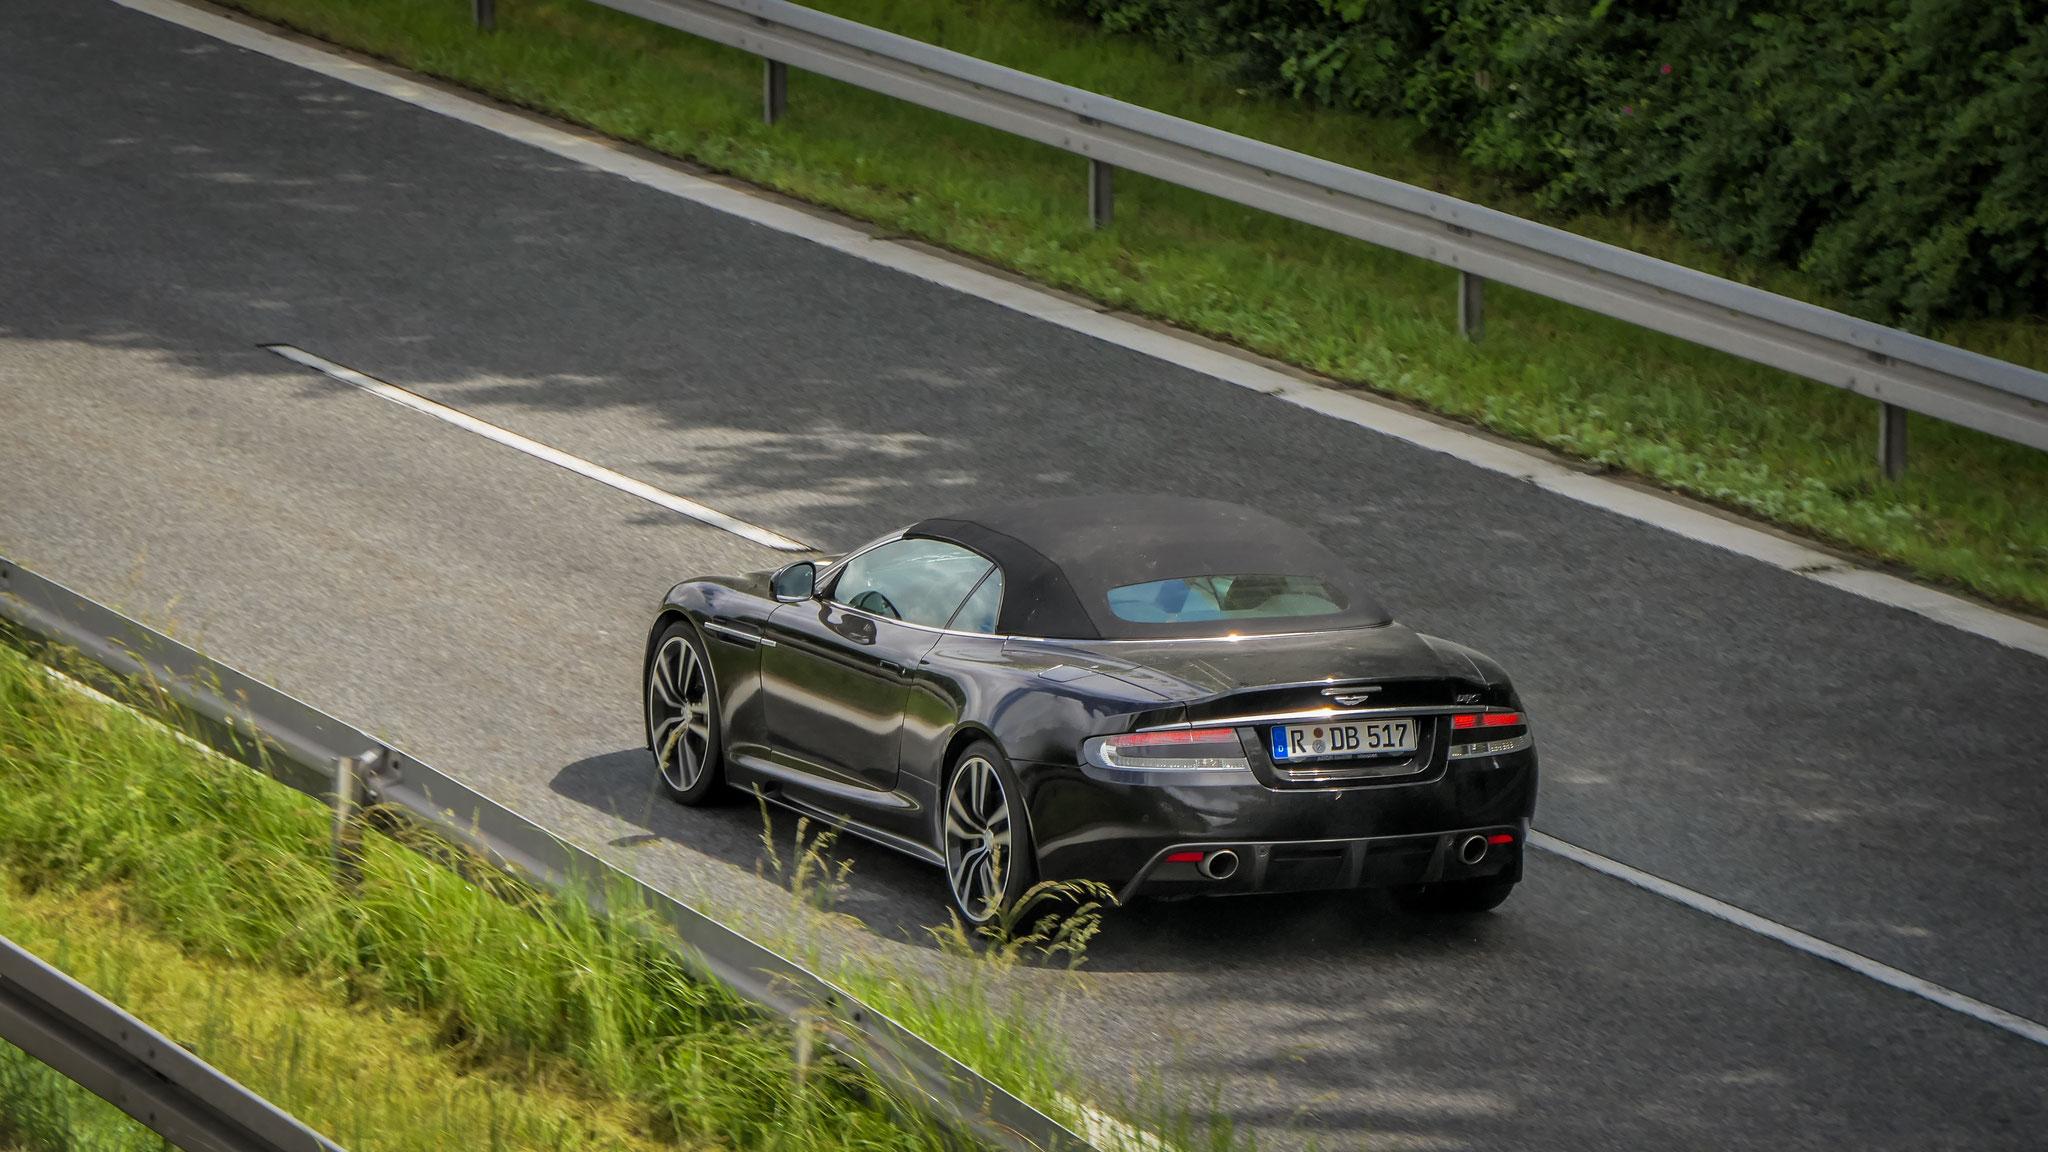 Aston Martin DBS Volante - R-DB-517